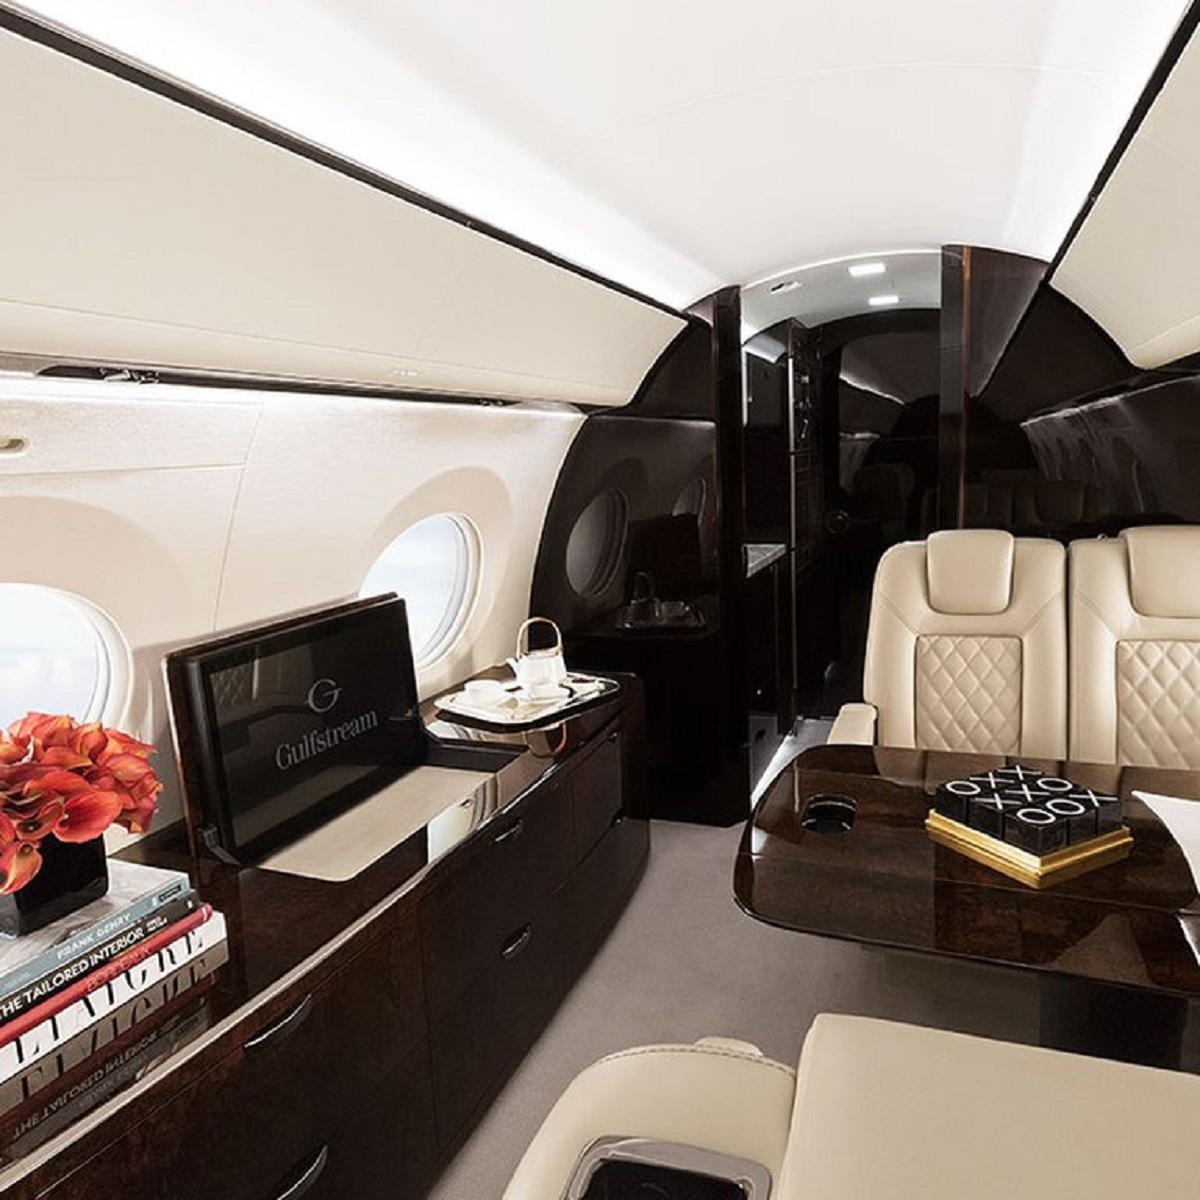 El precio de alquilar un jet privado, Lionel Messi, el presidente argentino Fernández